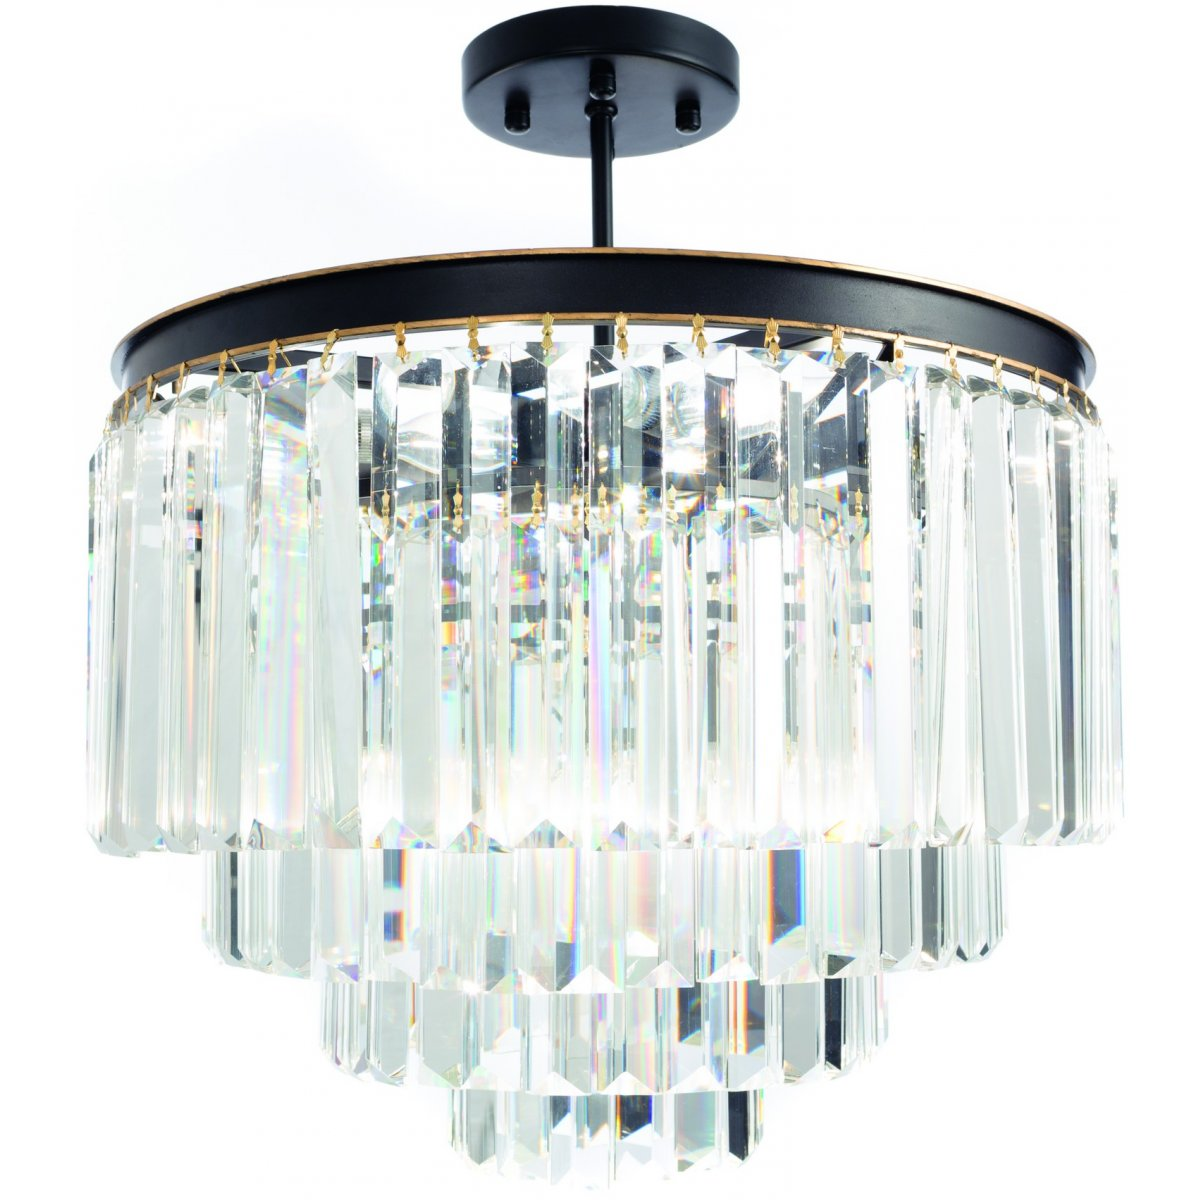 Фото - Светильник потолочный Divinare 3001/01 PL-9 светильник потолочный divinare 1308 02 pl 8